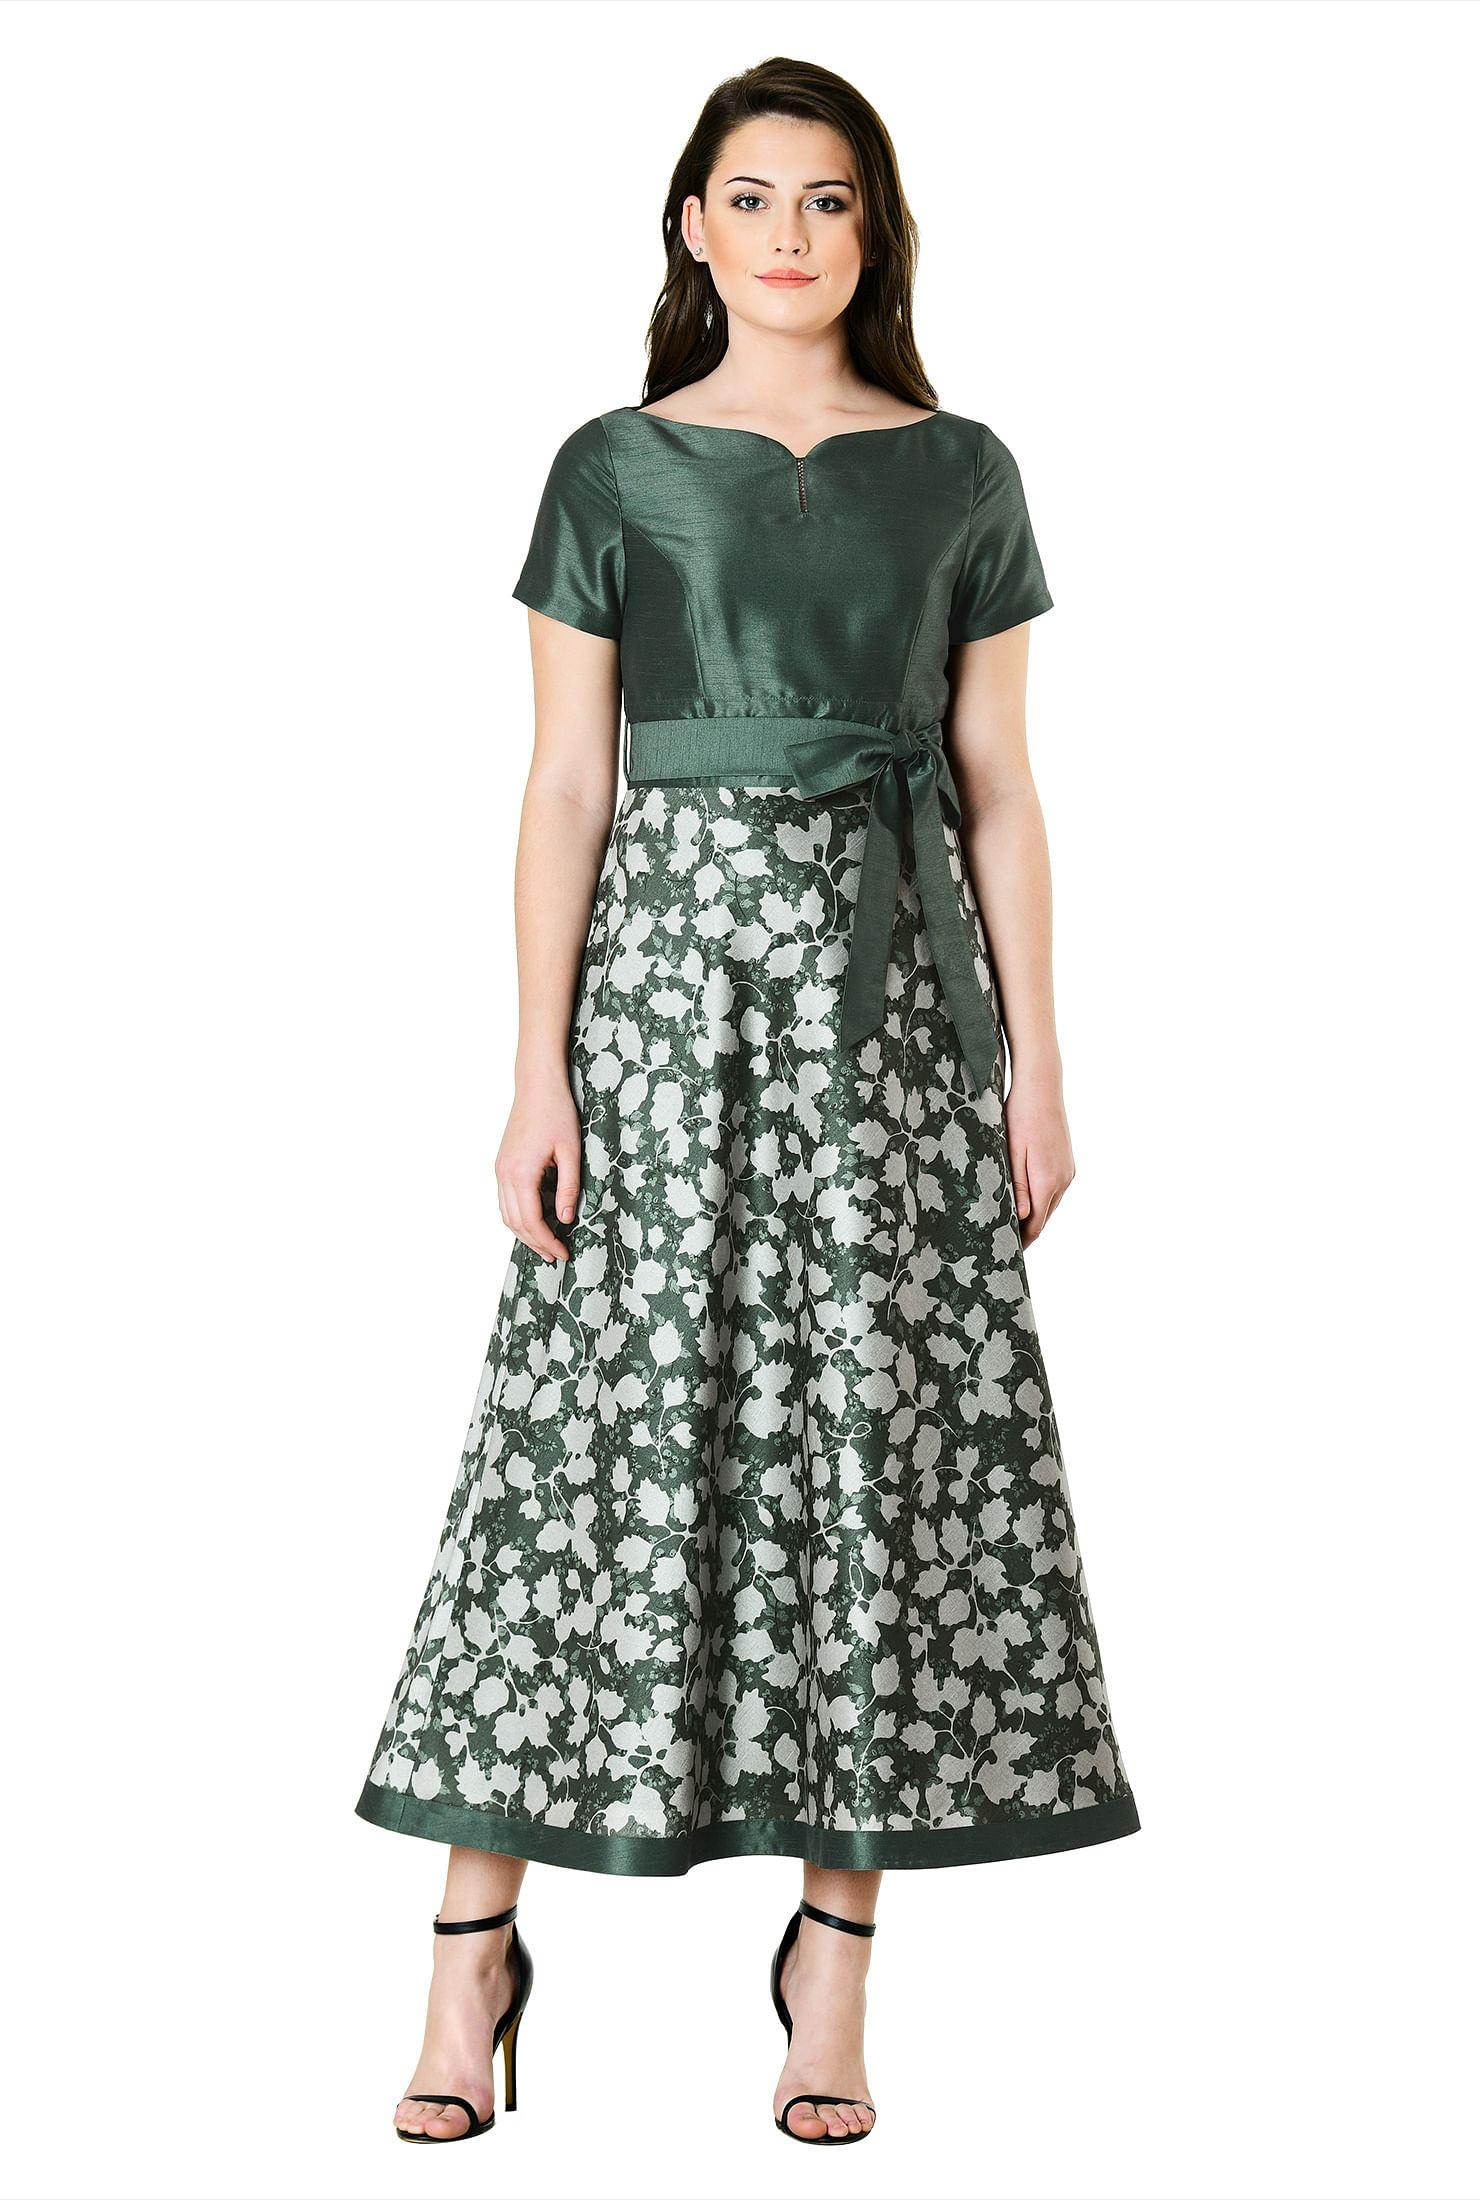 4ff4a90a96 Women s Fashion Clothing 0-36W and Custom